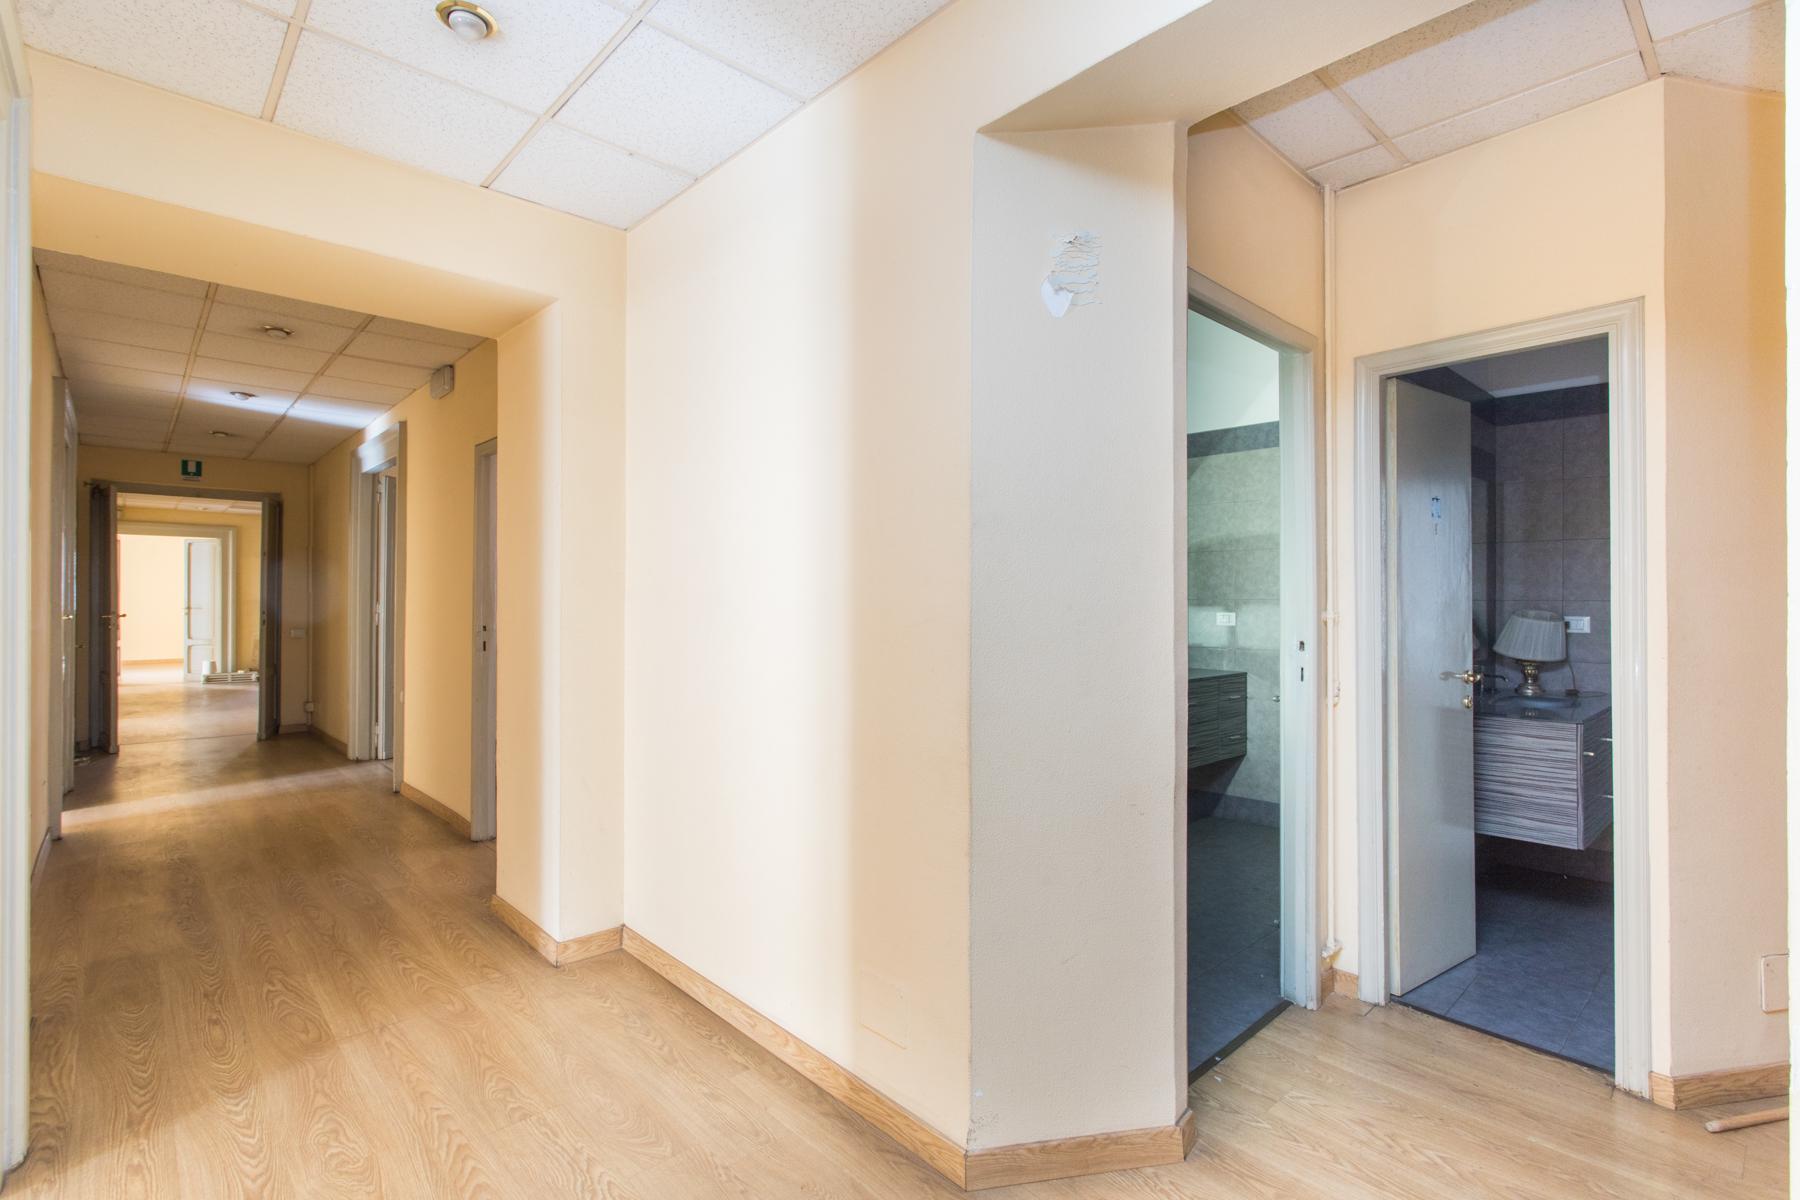 Ufficio-studio in Vendita a Roma: 5 locali, 600 mq - Foto 22